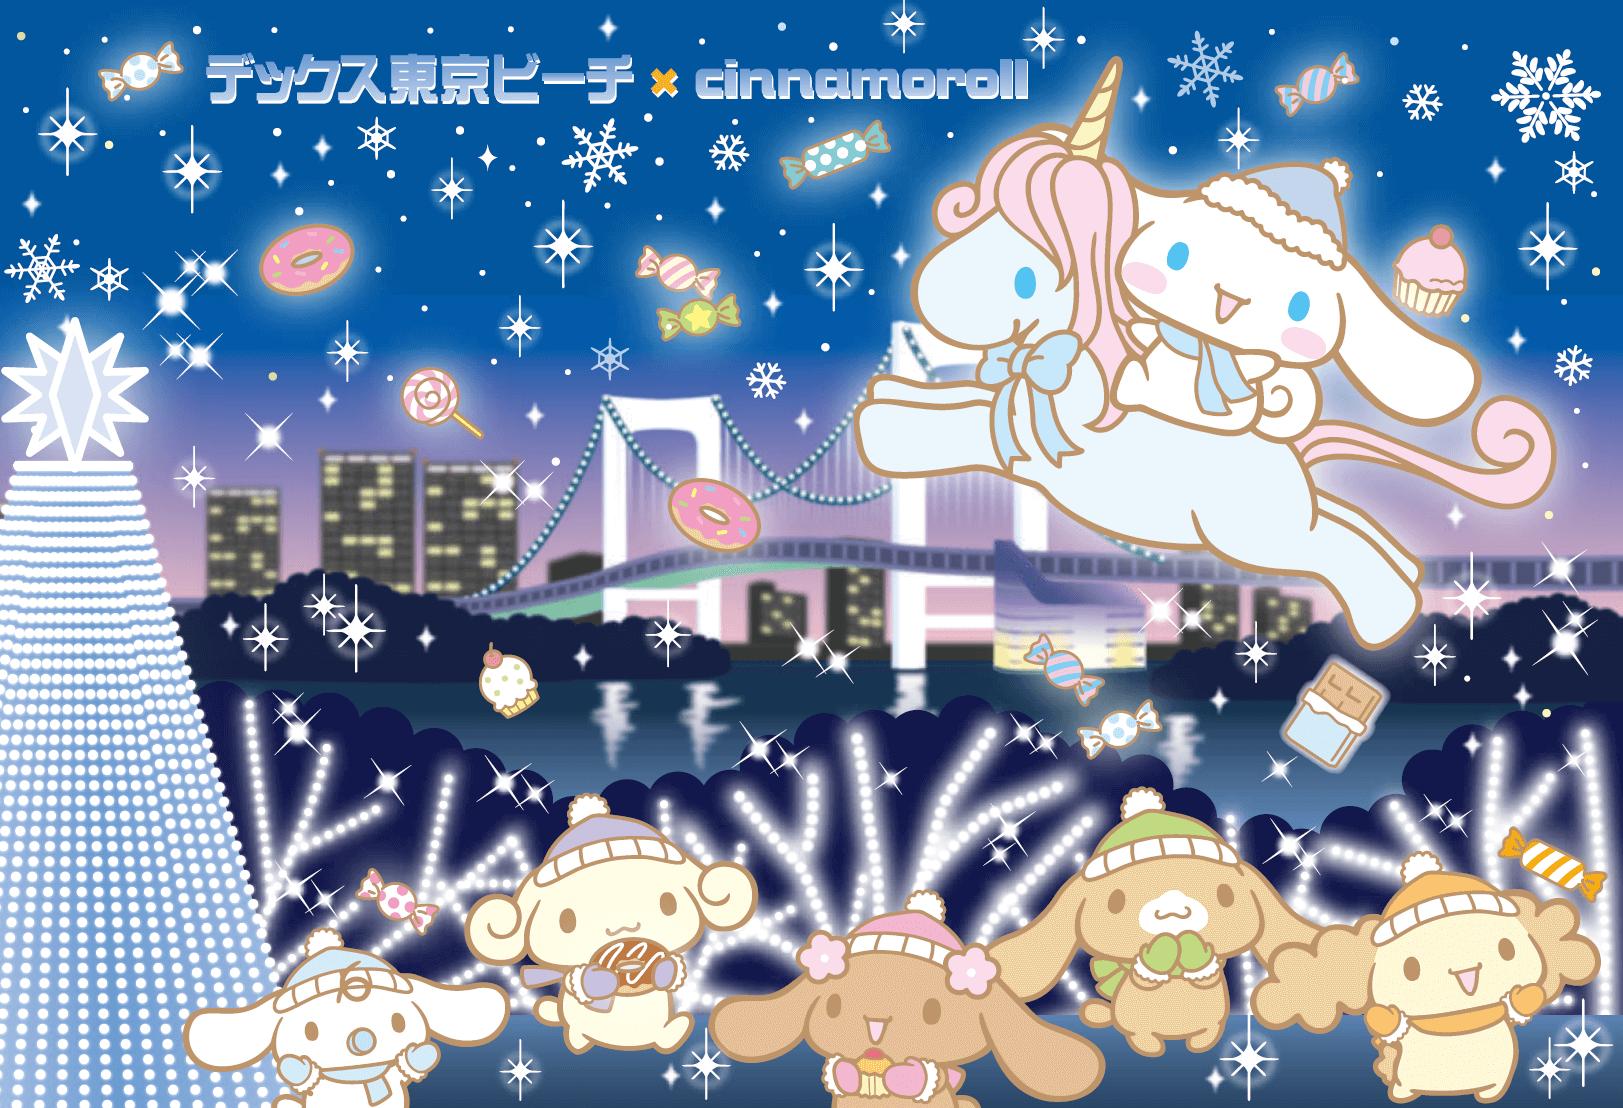 大耳狗咖啡廳與燈展登場!東京台場聖誕節活動「DECKS 東京 Beach 2018冬」 在台場、大耳狗、燈飾、